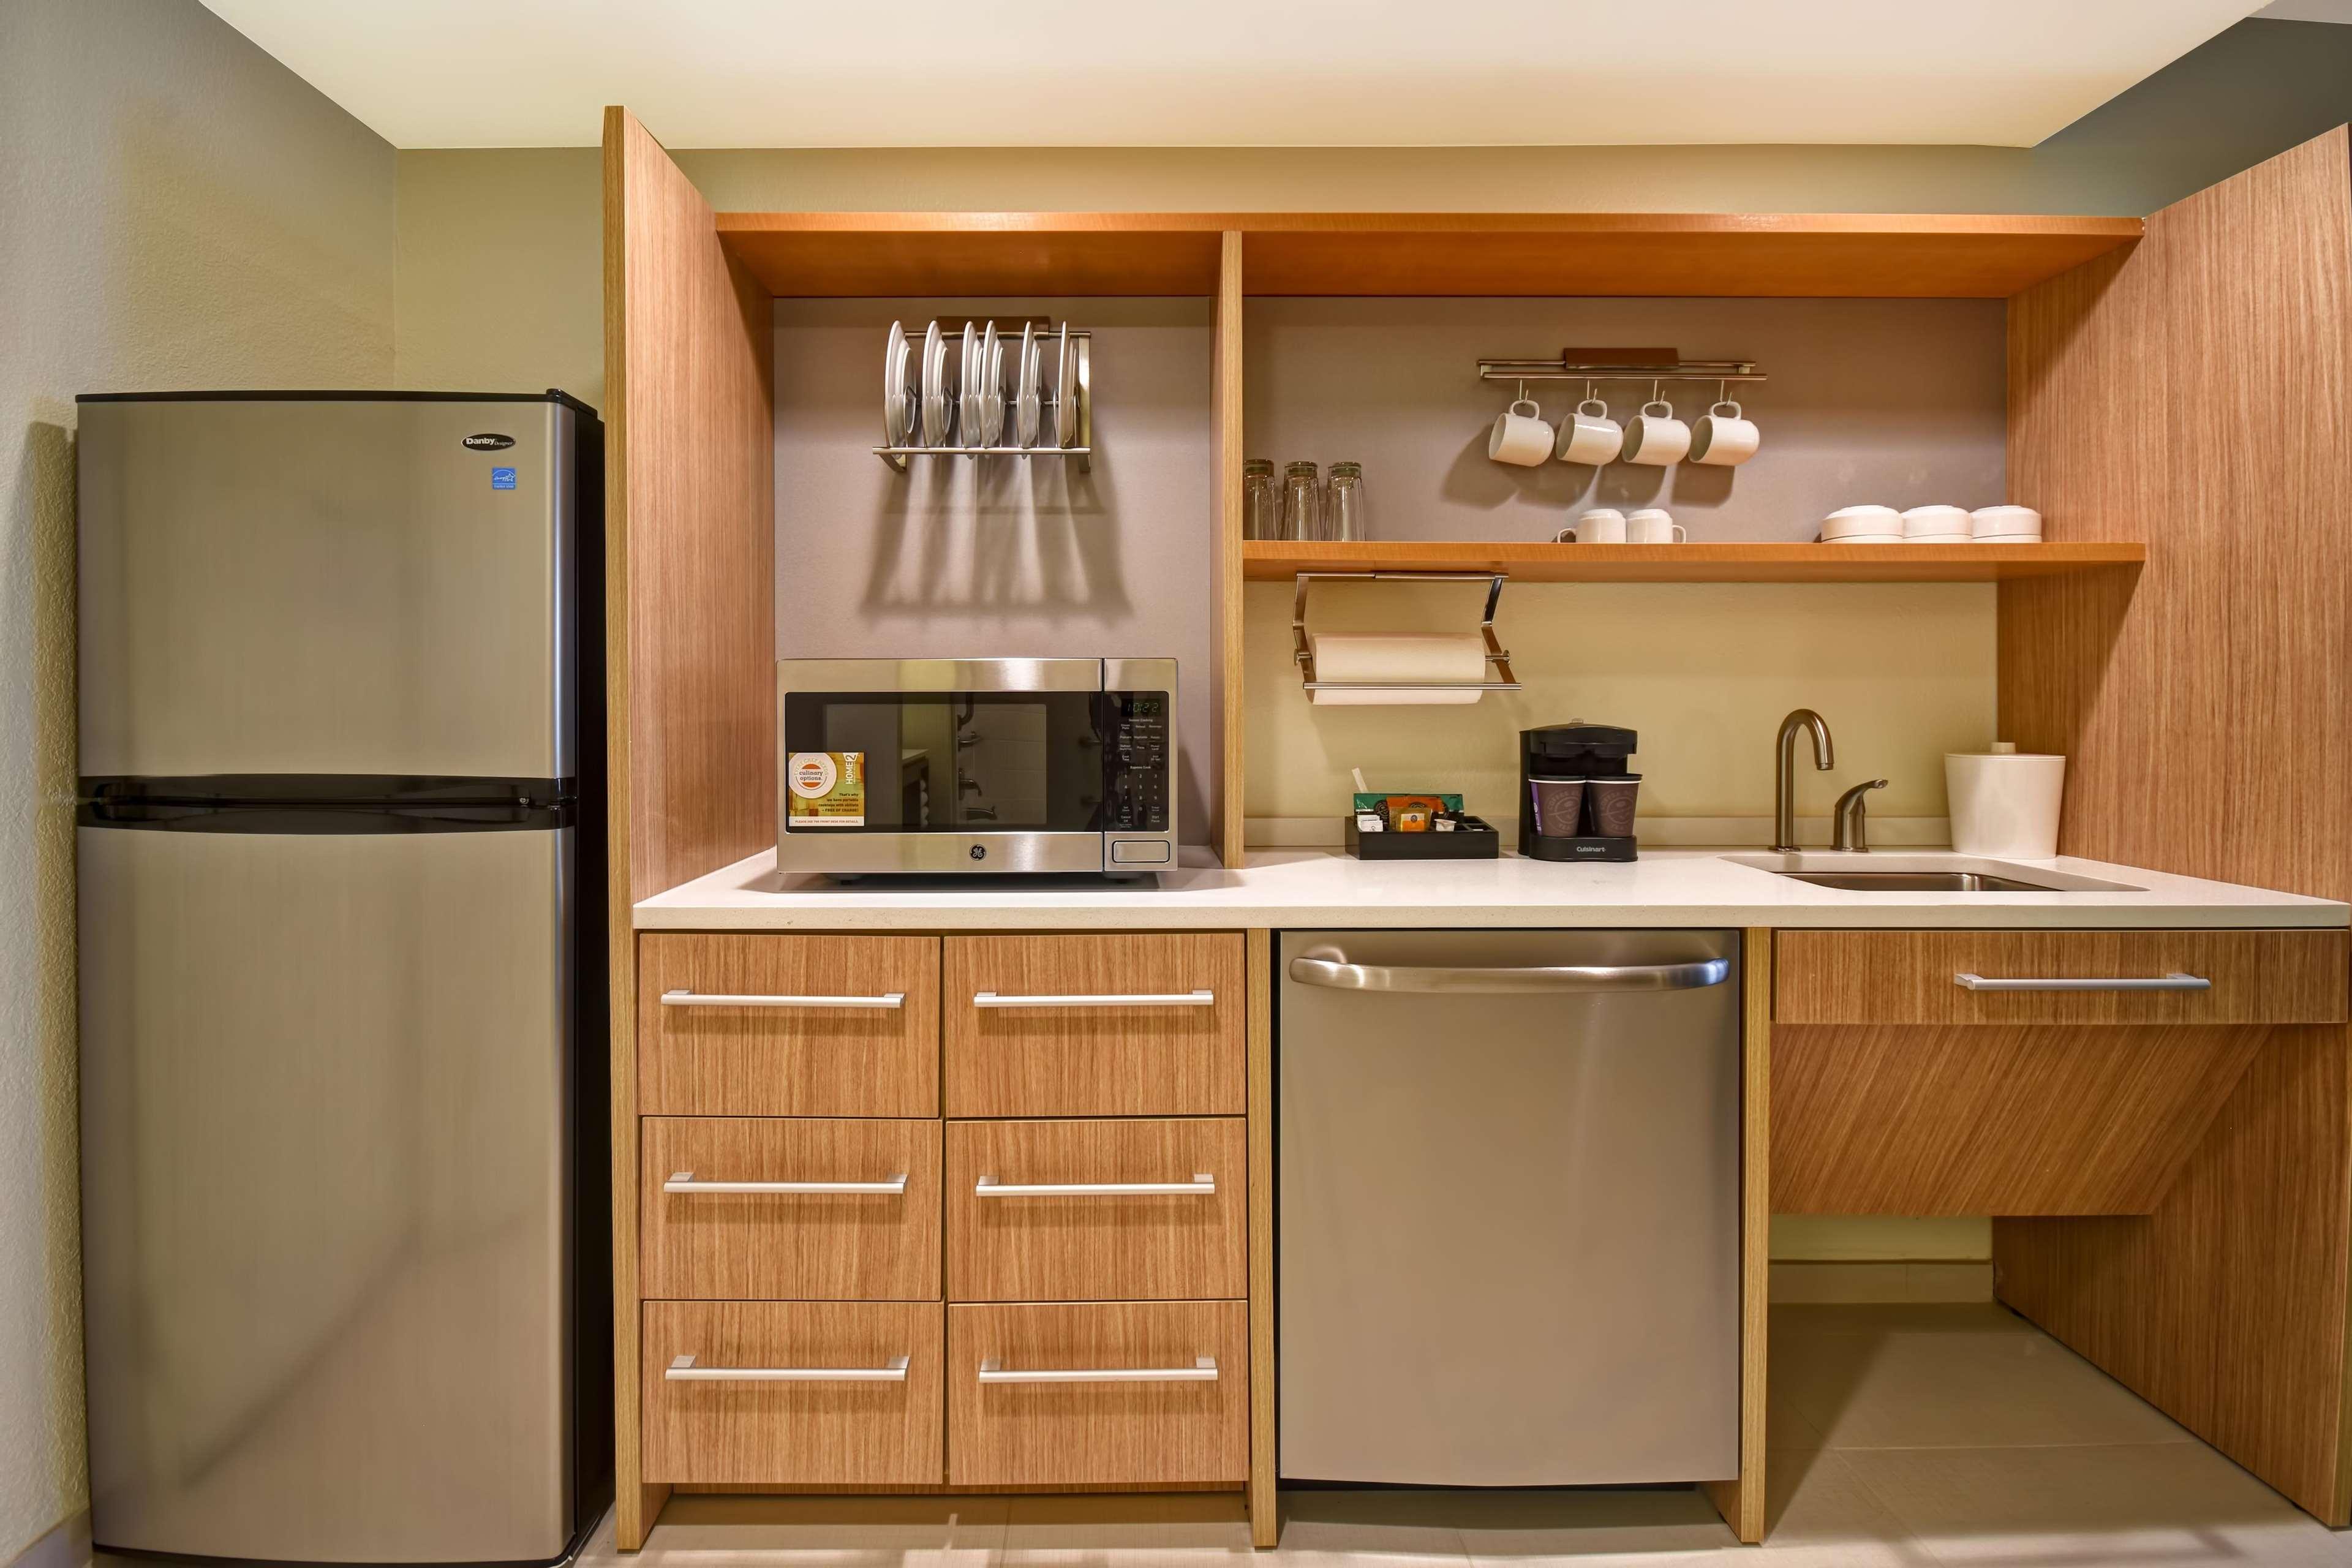 Home2 Suites by Hilton Smyrna Nashville image 34